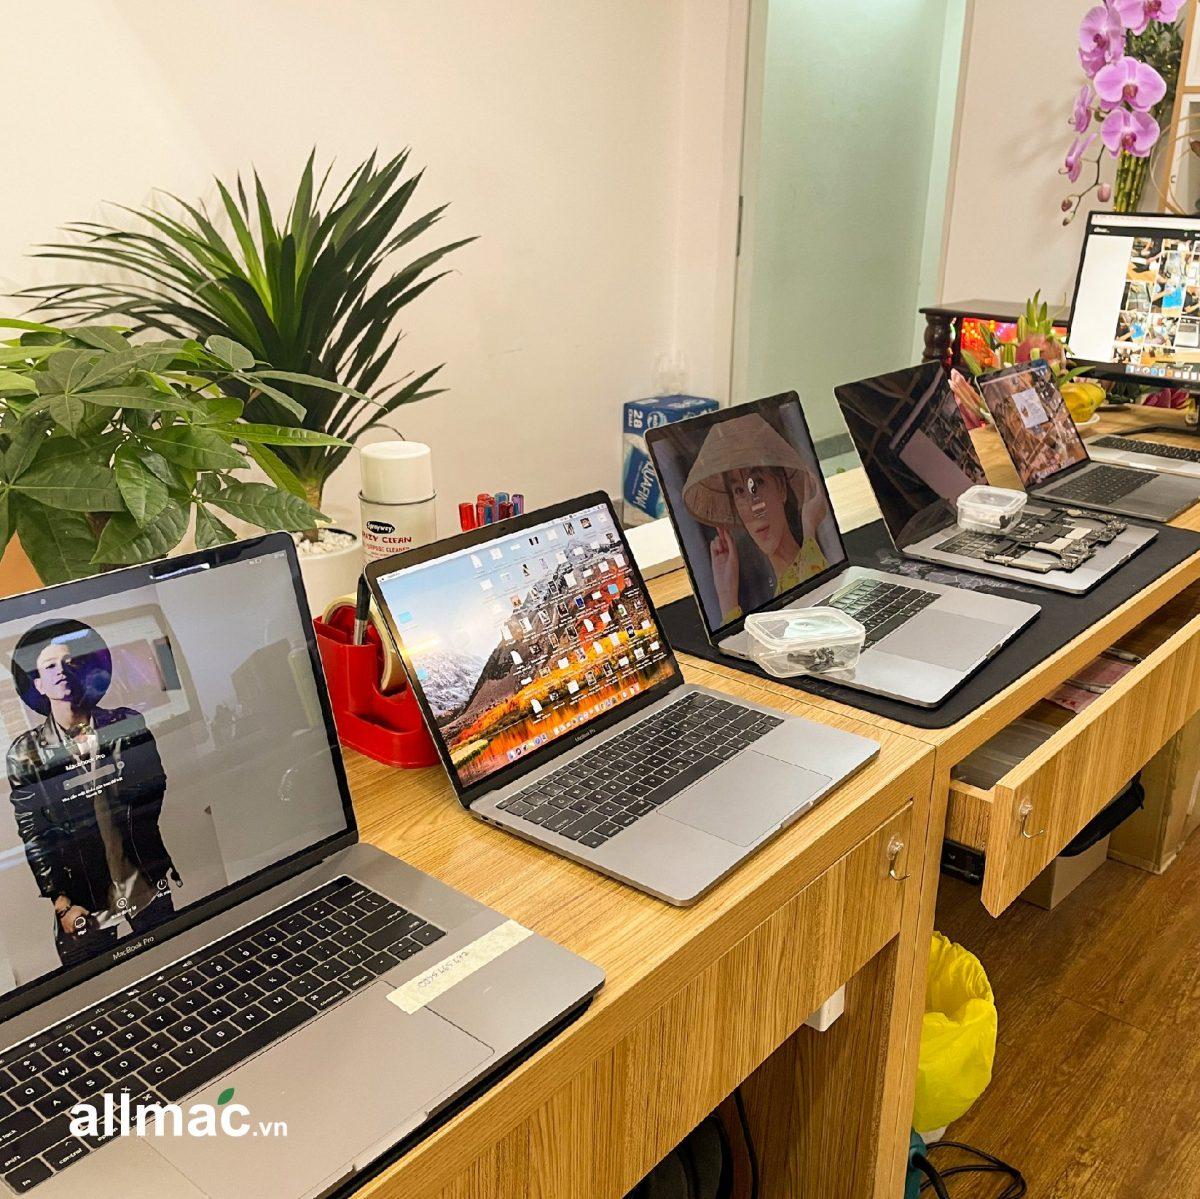 MacBook không sử dụng linh kiện kém chất lượng